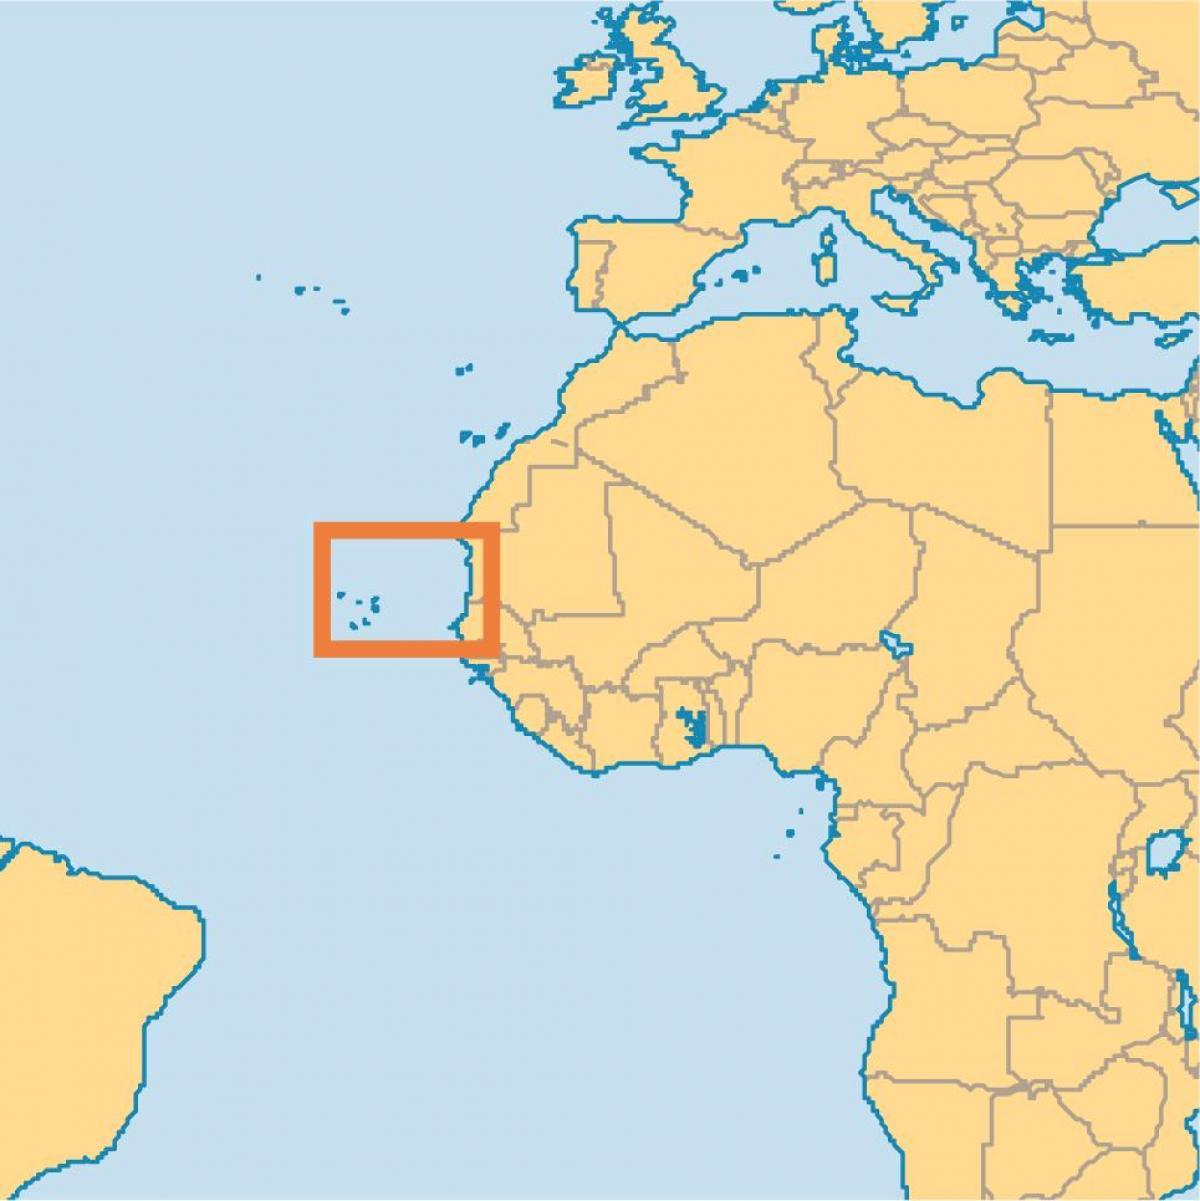 kapp kart Kapp Verde øyene verden kart   Vise Cape Verde på verdenskartet  kapp kart